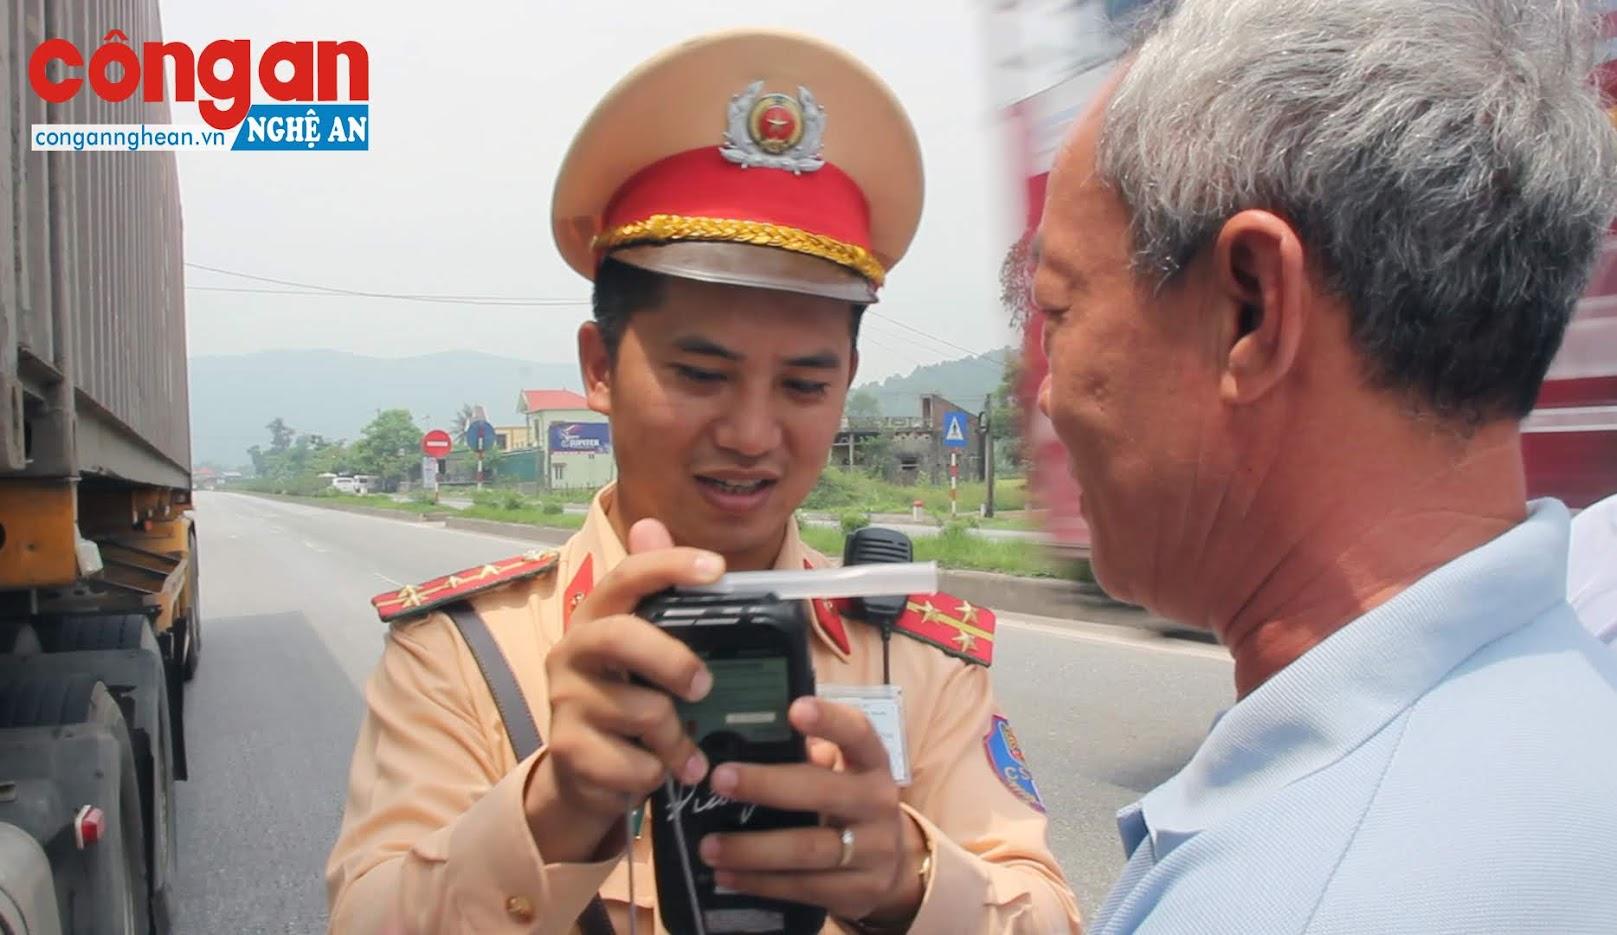 CSGT Công an Nghệ An kiểm tra nồng độ cồn trên tuyến Quốc Lộ 1A. Ảnh: Bình Minh